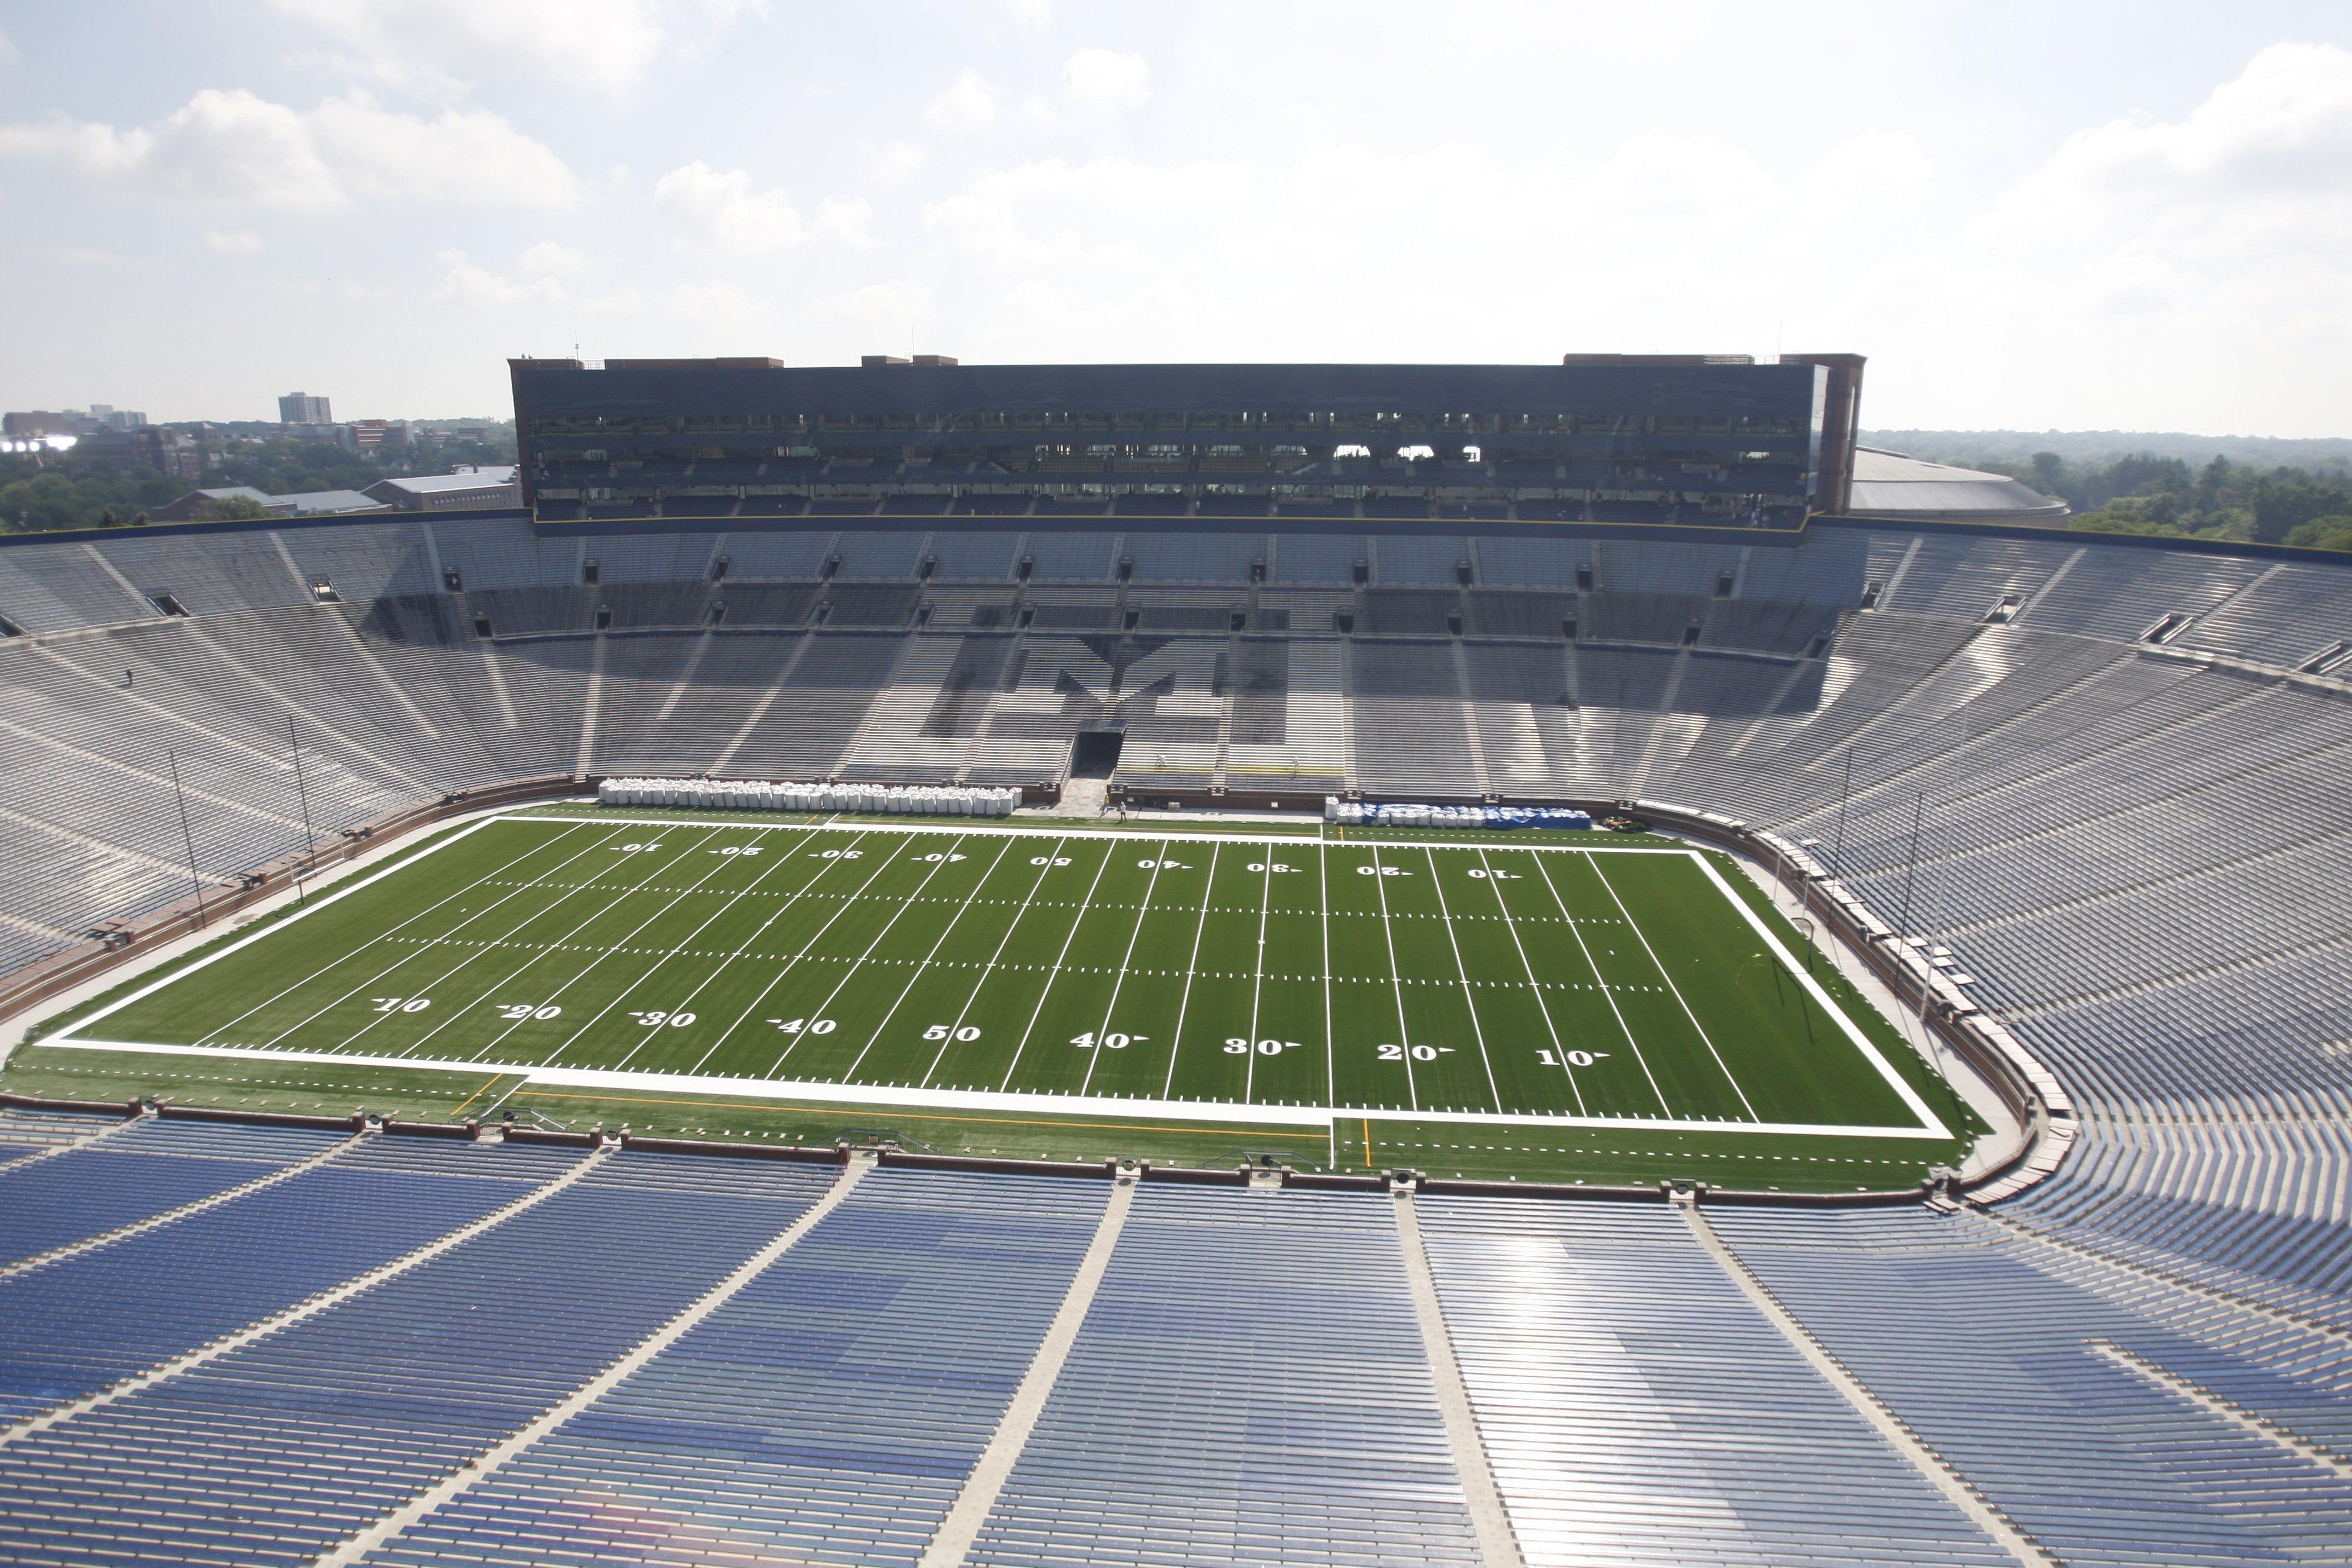 Big house stadium layout